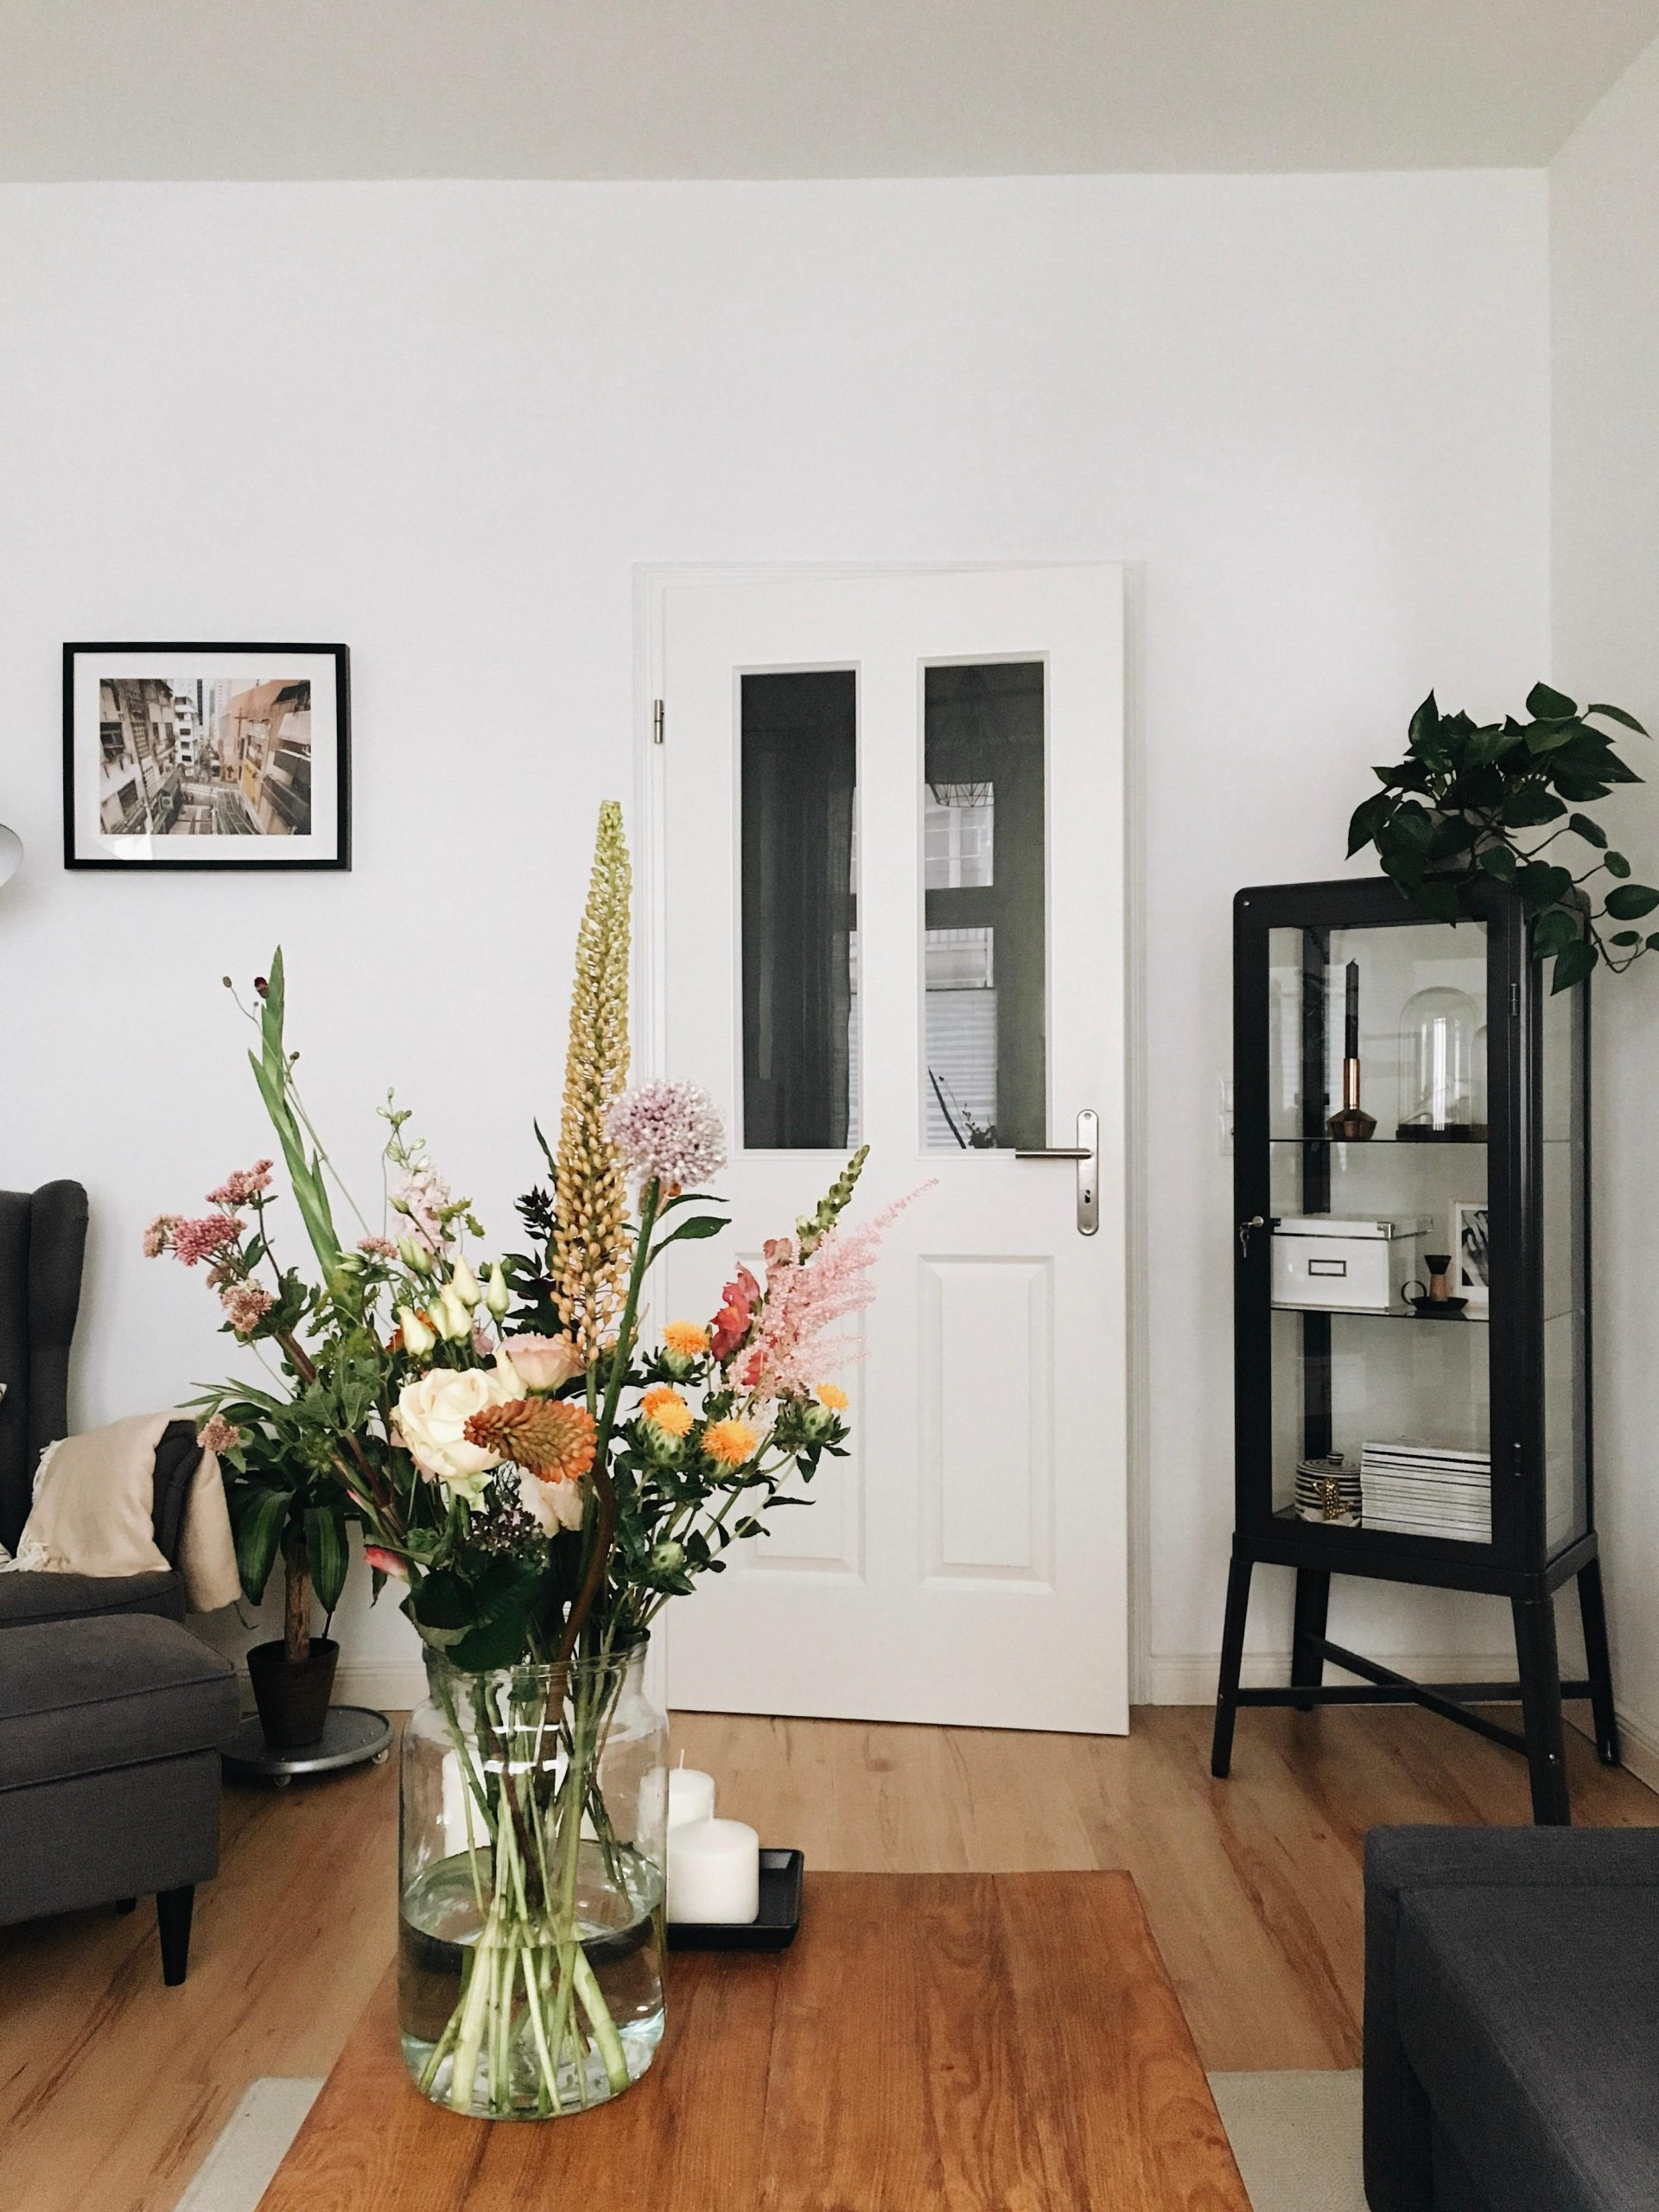 Schone Wohnzimmer Decken Aus Rigips Beispiel Moderne Gardine